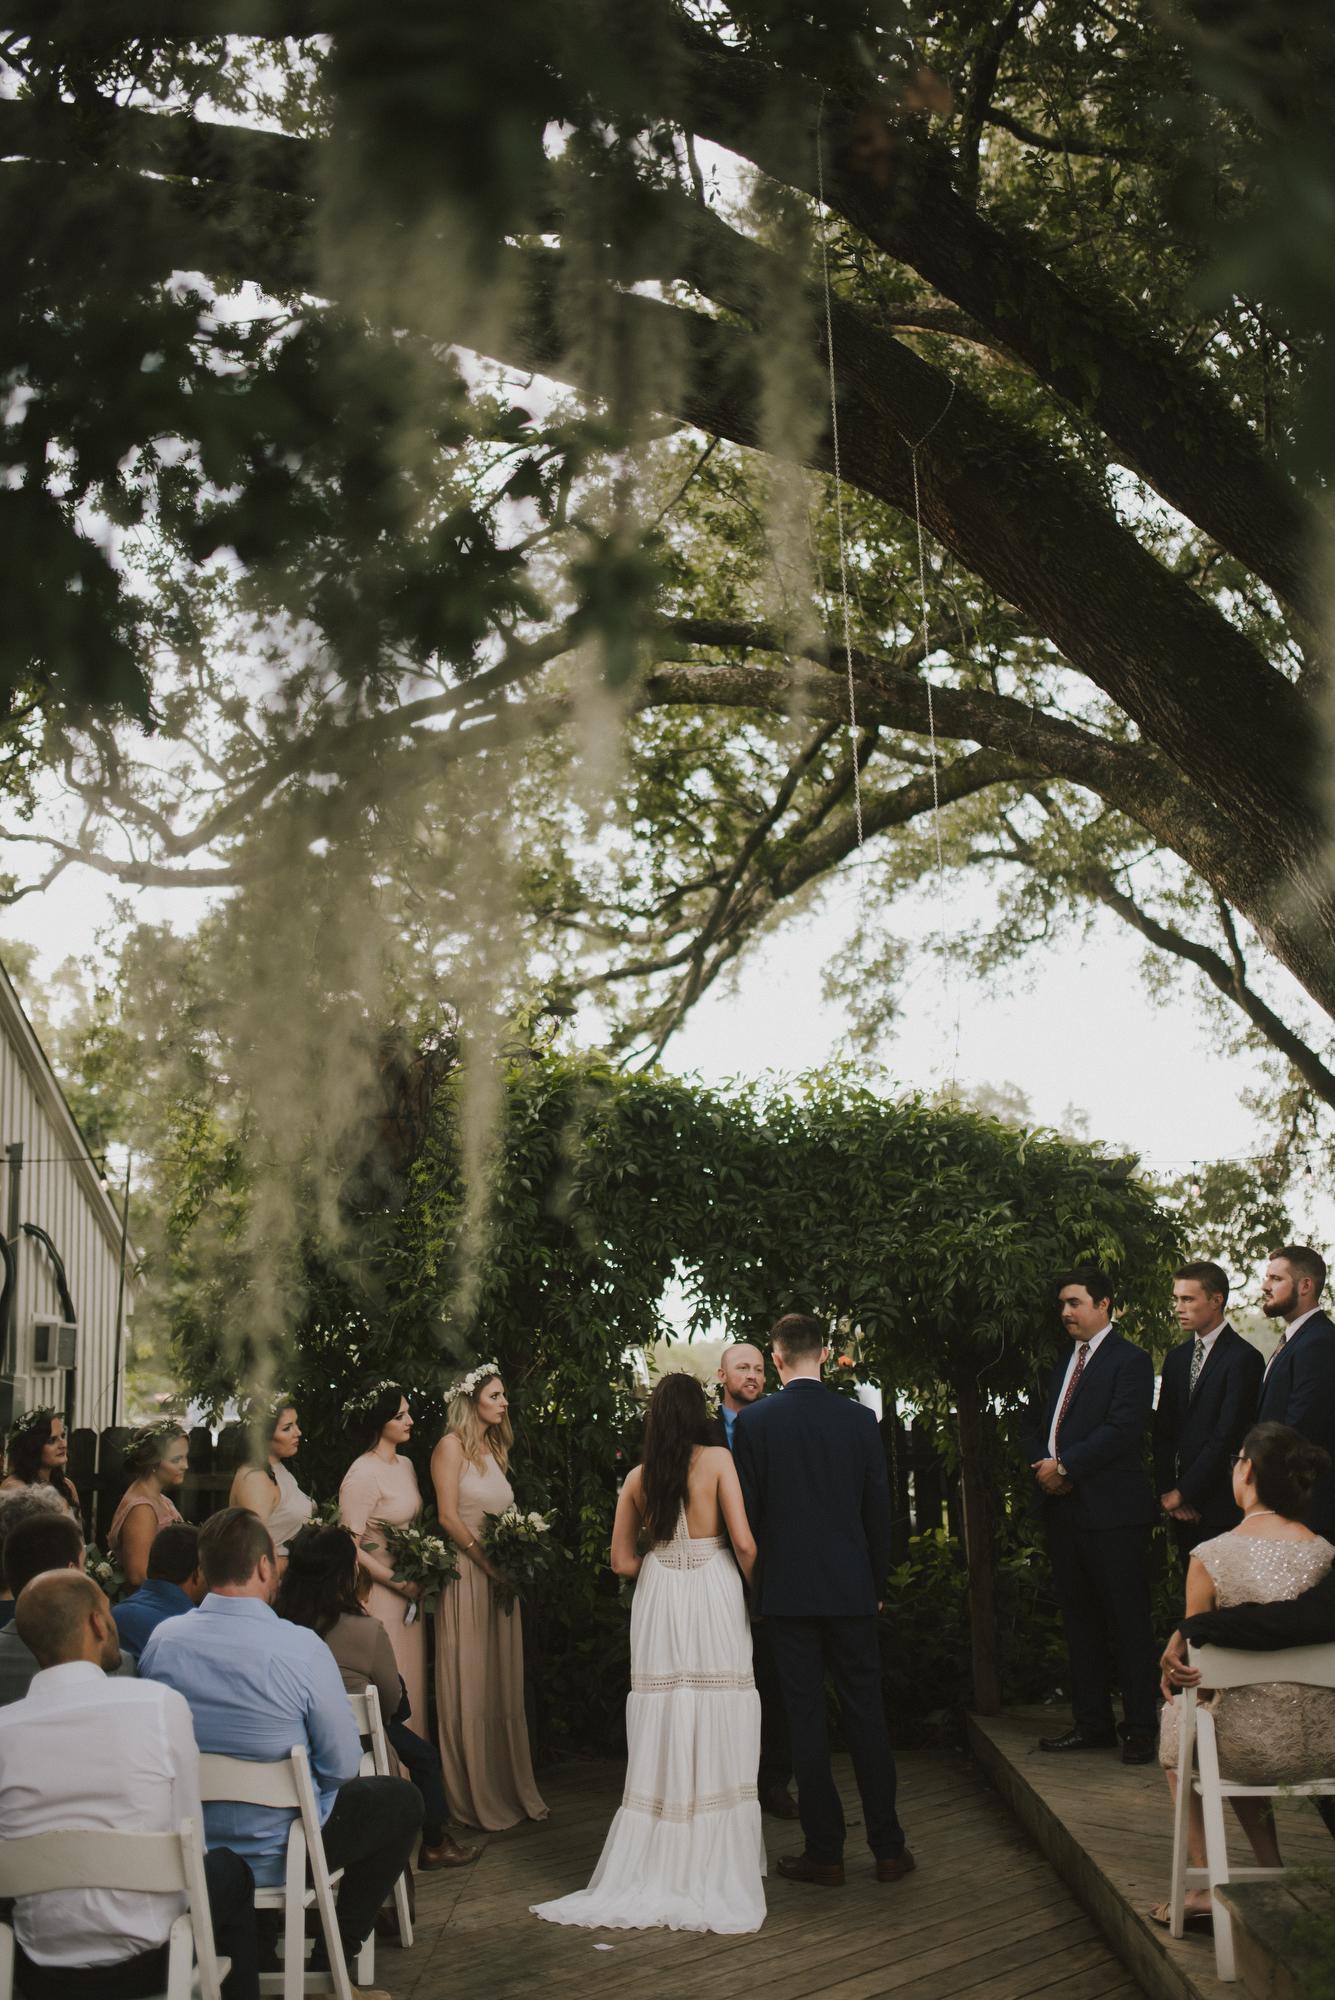 ofRen_weddingphotography080.JPG